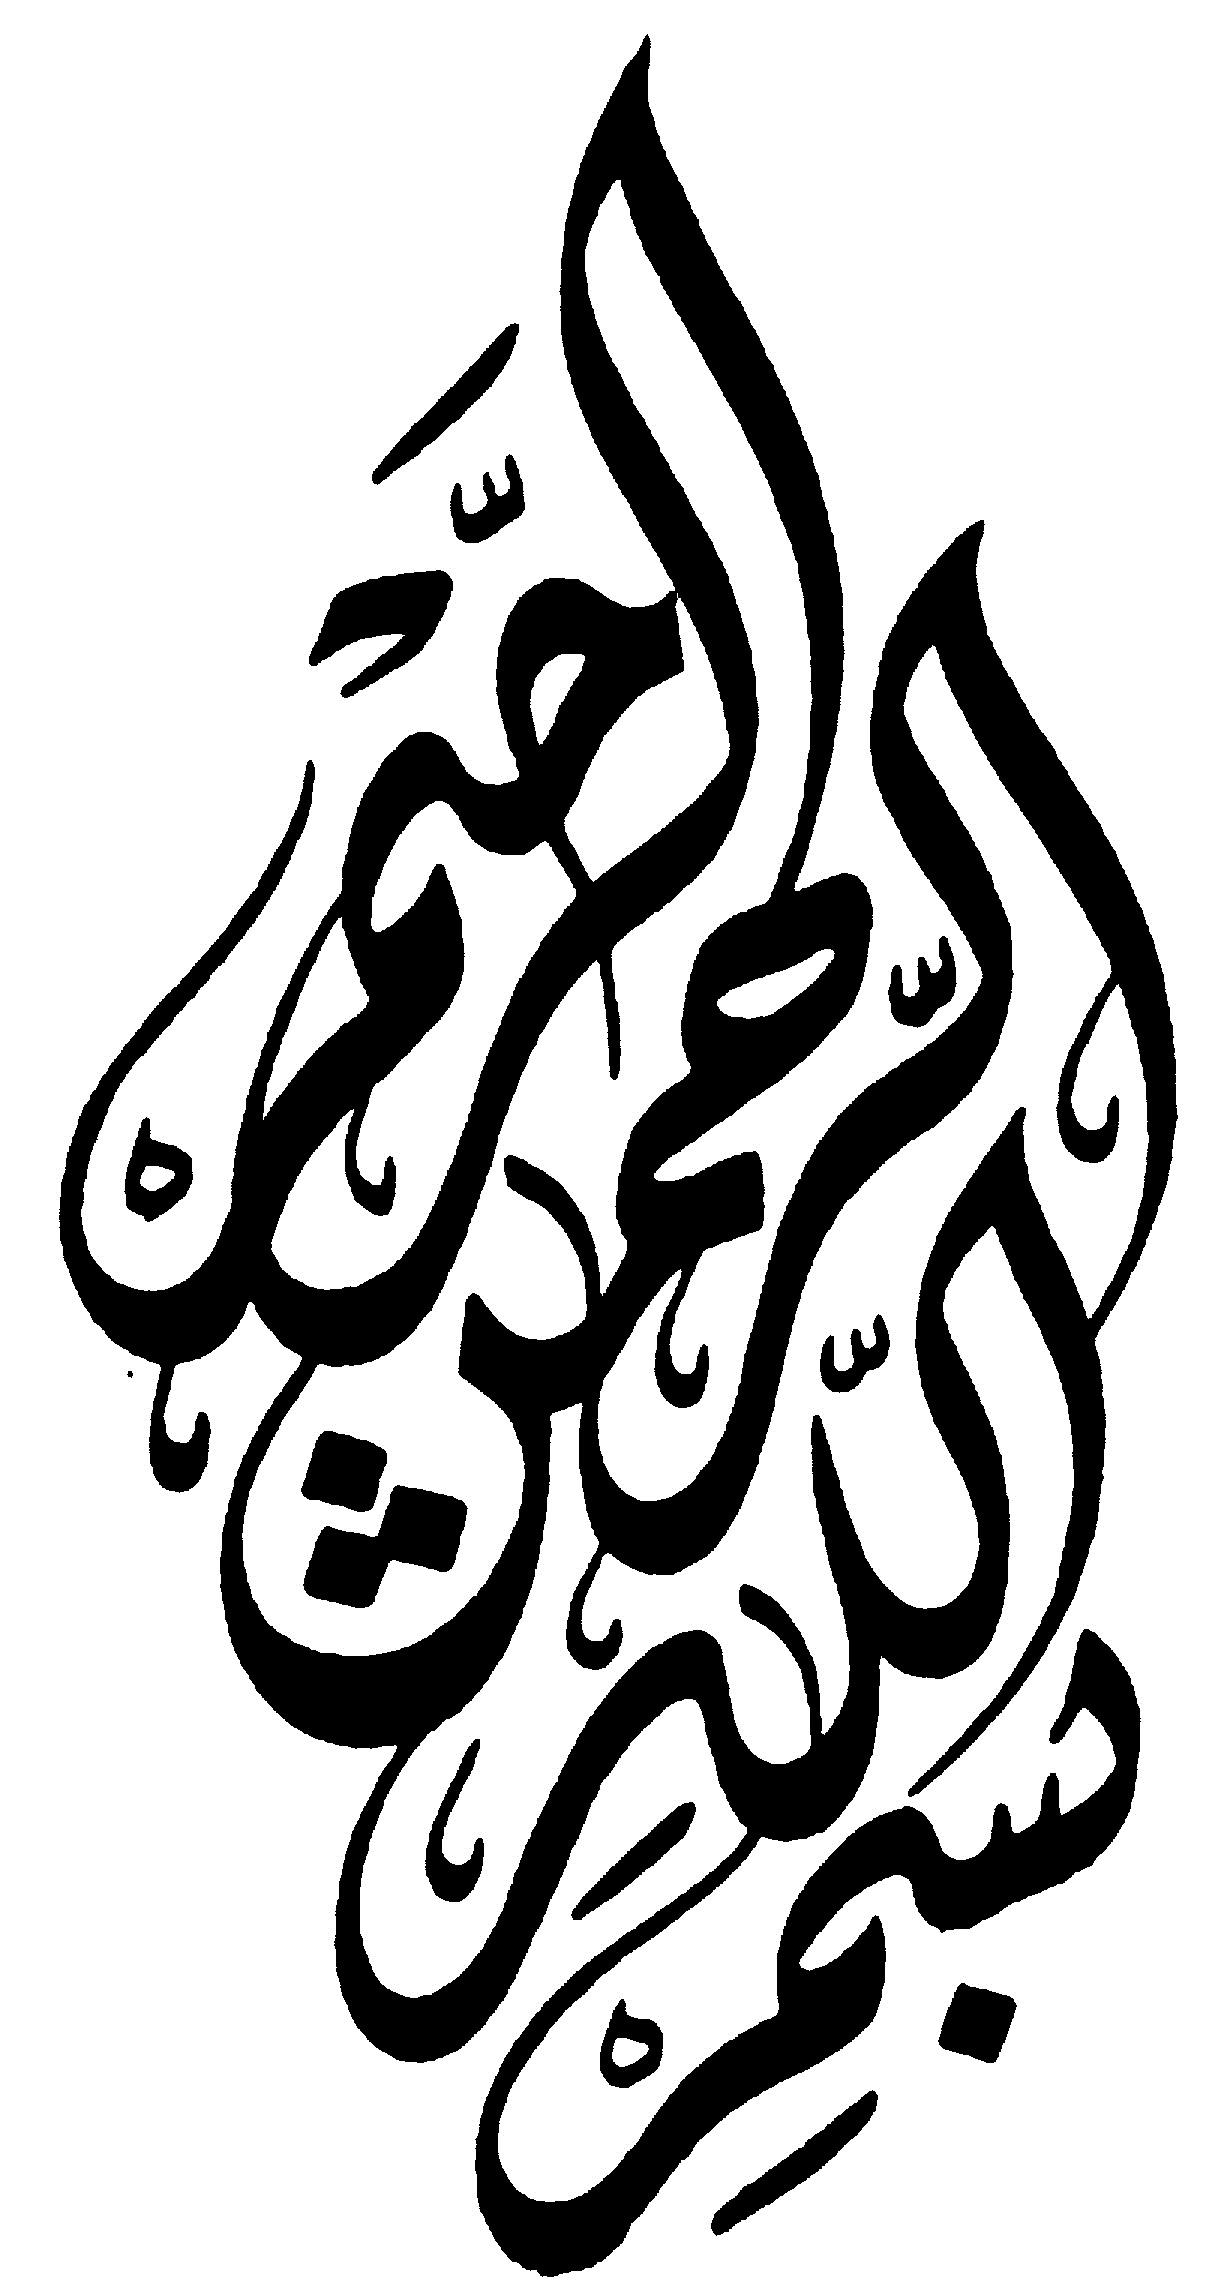 دانلود مجموعه 8 عکس بسم الله الرحمن الرحیم برای تحقیق و کنفرانس